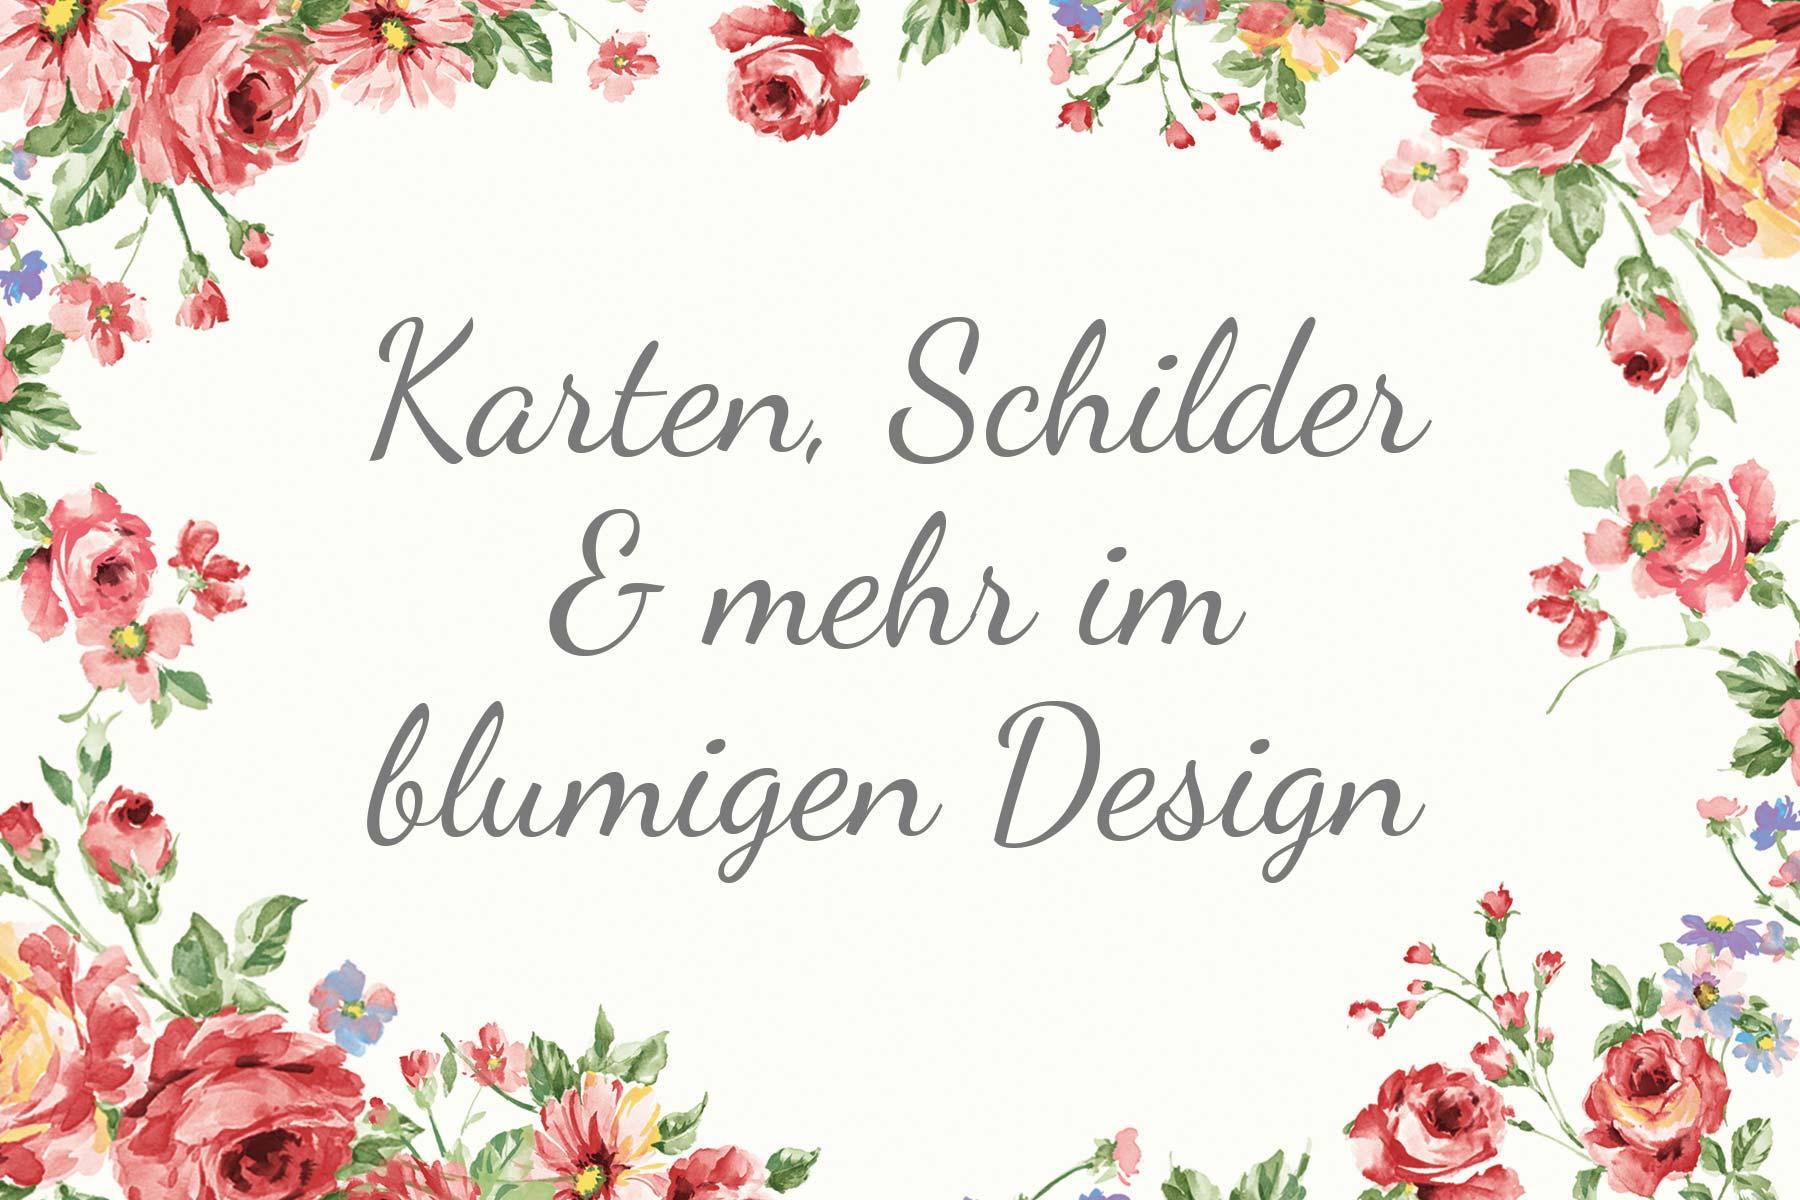 Vorlagen für eure Hochzeit: Karten, Schilder & mehr im blumigen Design